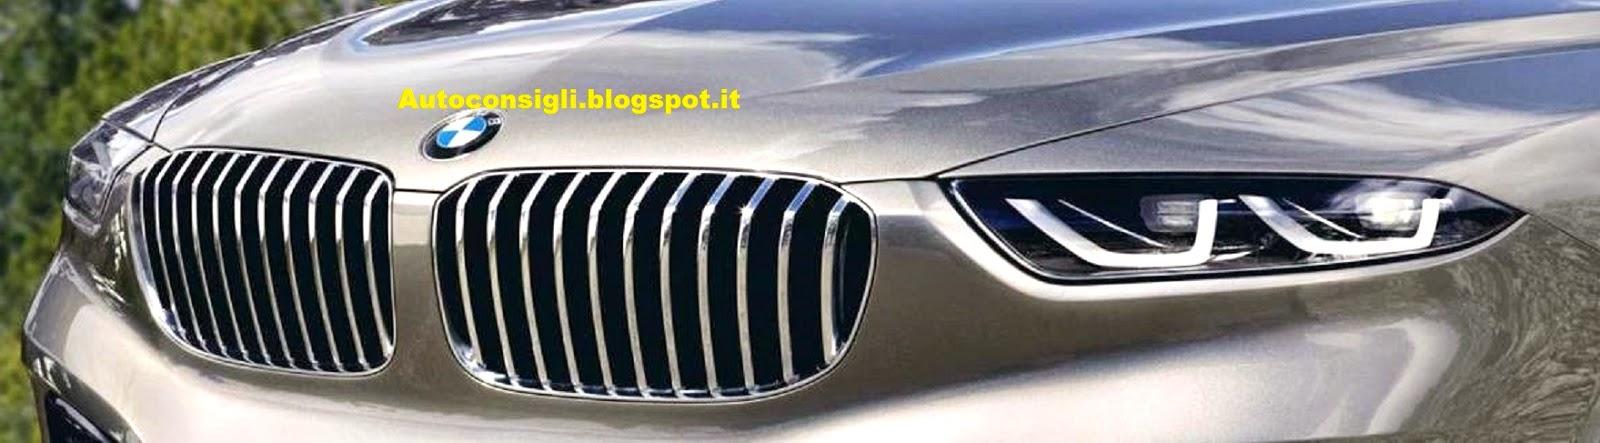 Bmw X8 2017 N >> Car al Top 33: 06/01/2014 - 07/01/2014